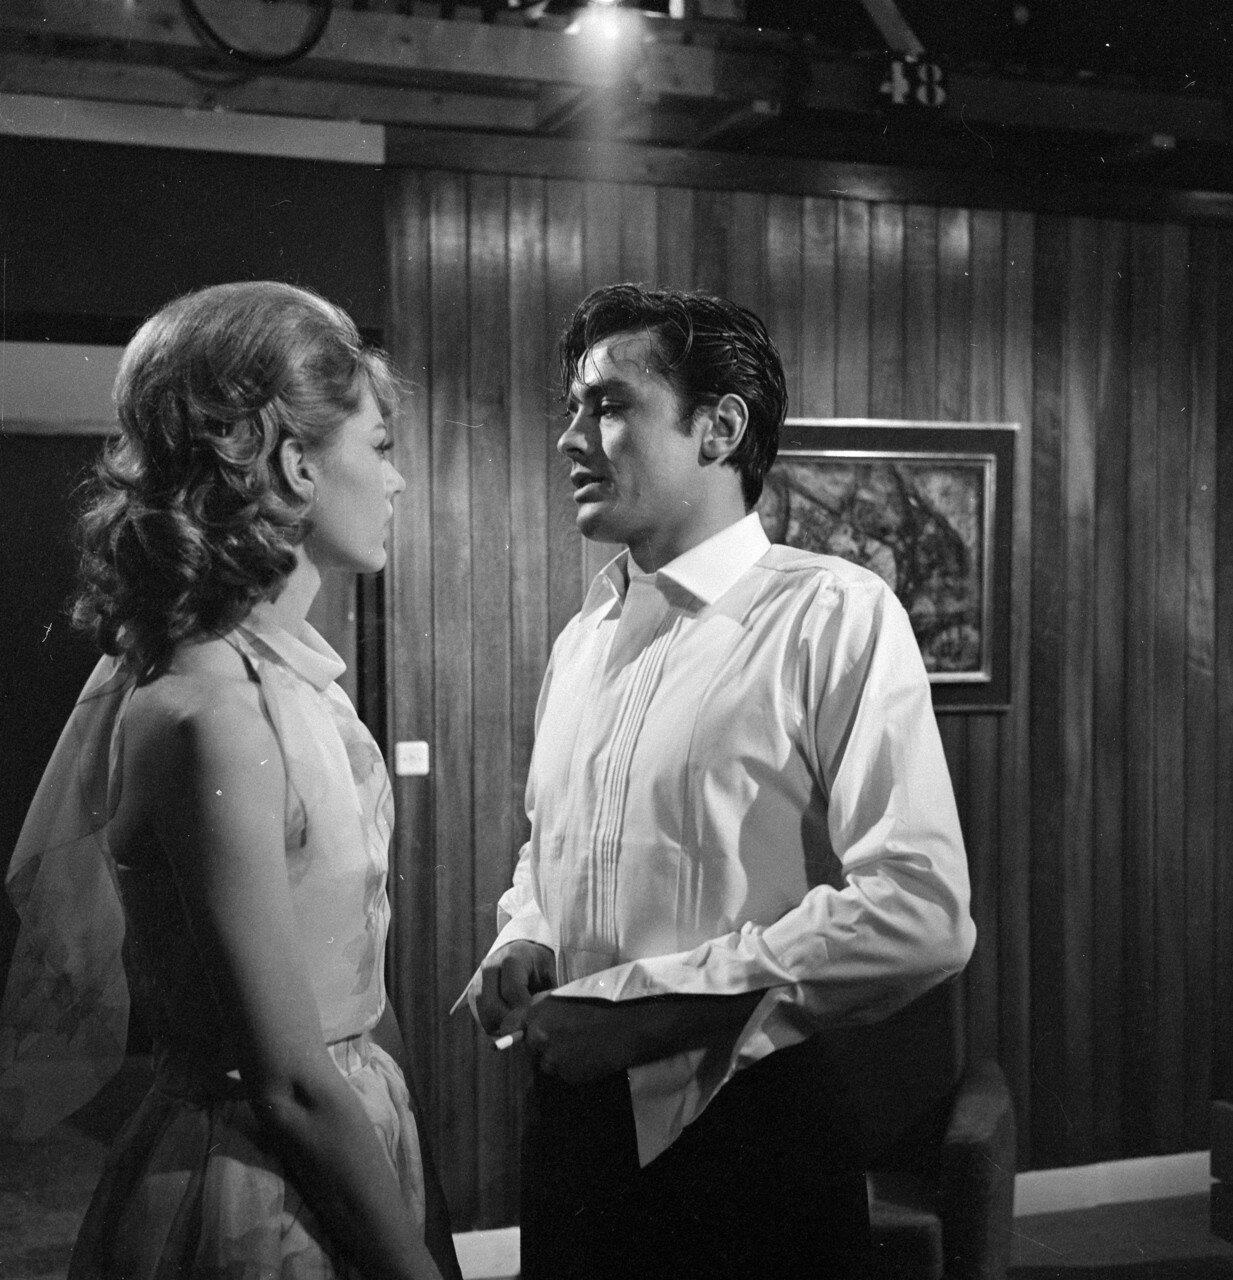 1962. Карла Марлье и Алэн Делон на съемках фильма «Мелодия из подвала»